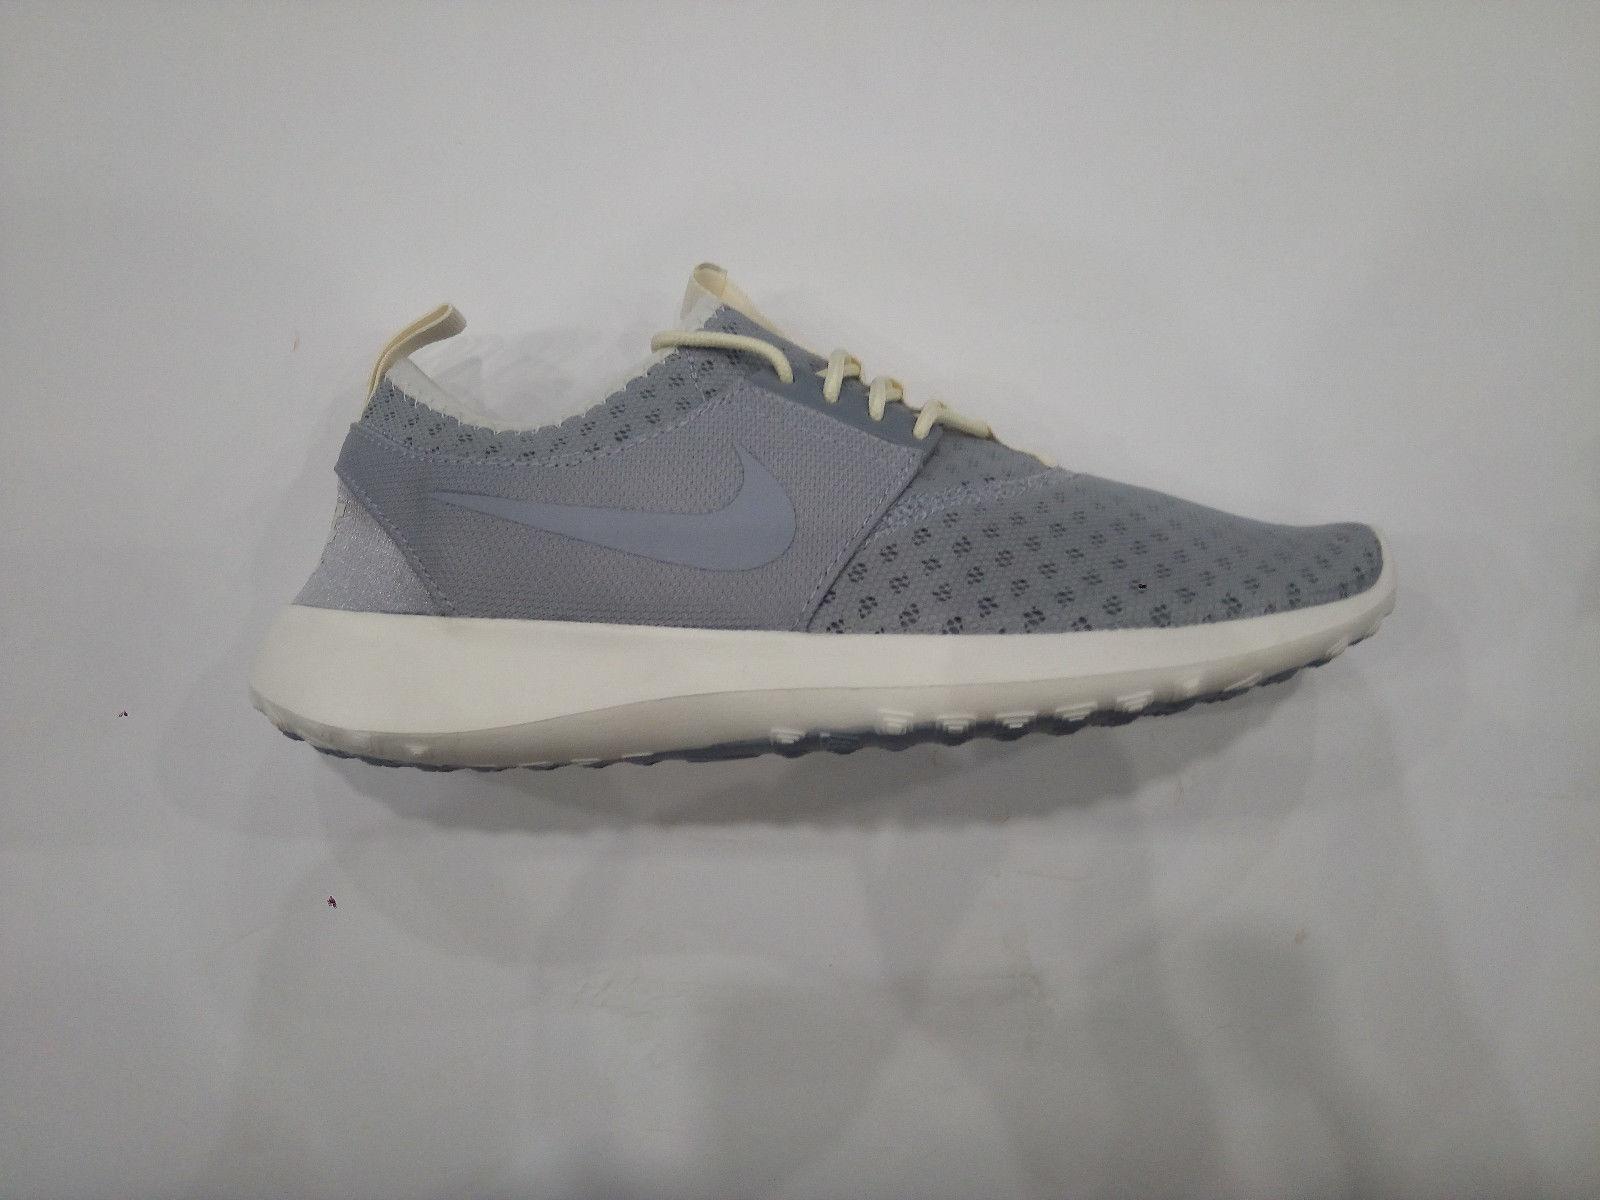 premium selection fbed4 7b4c2 Nike Uomo - Juvenate - - - Grigio Bianco >> SCONTATE << 747108 6d28c9